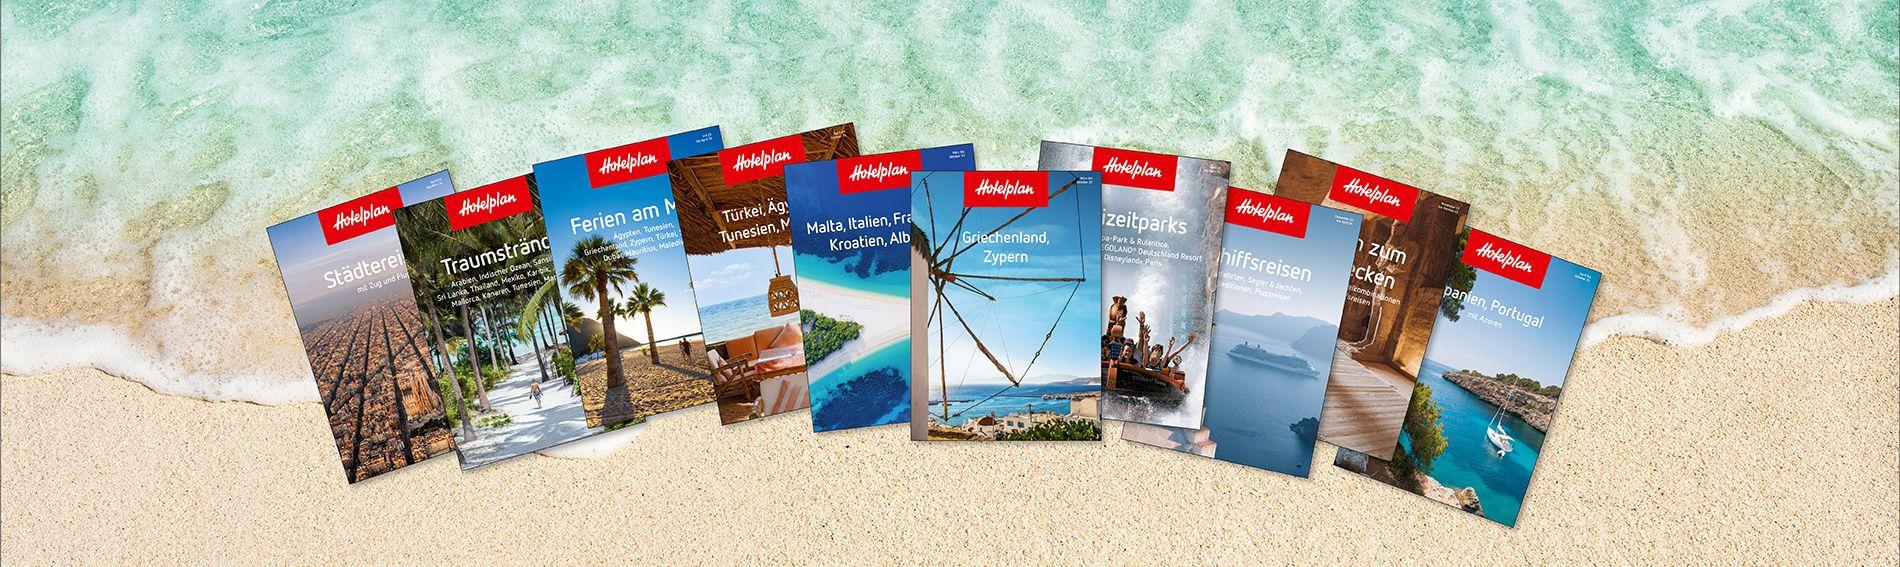 Ferienkataloge von Hotelplan